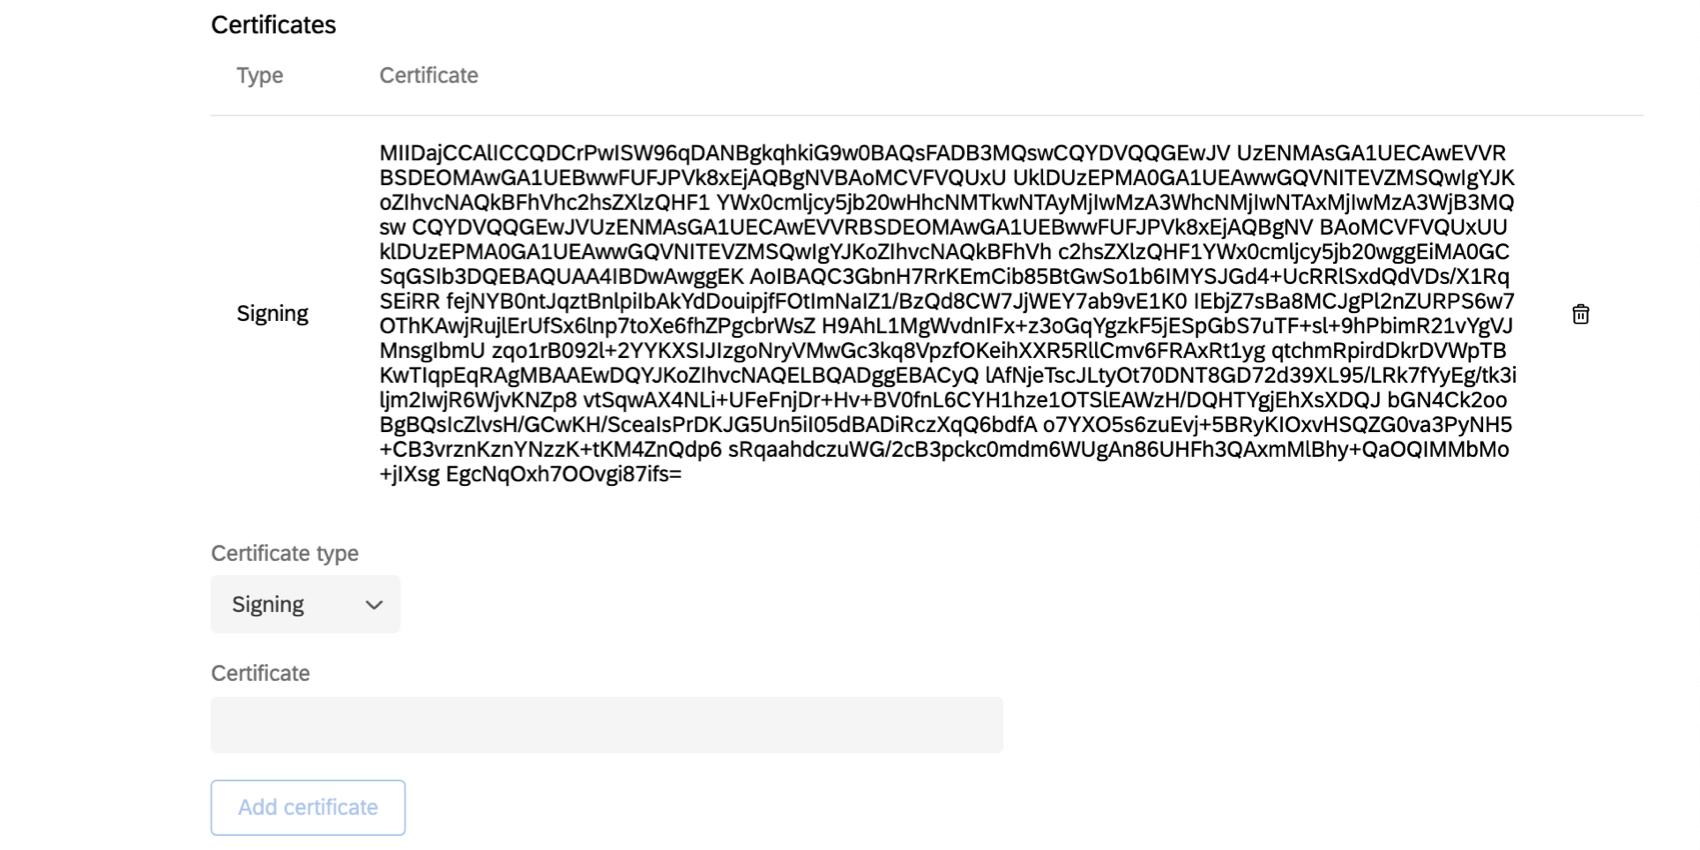 Teilbereich Zertifikate – Signatur wird als Textblock mit zufälligen Buchstaben und Ziffern angezeigt